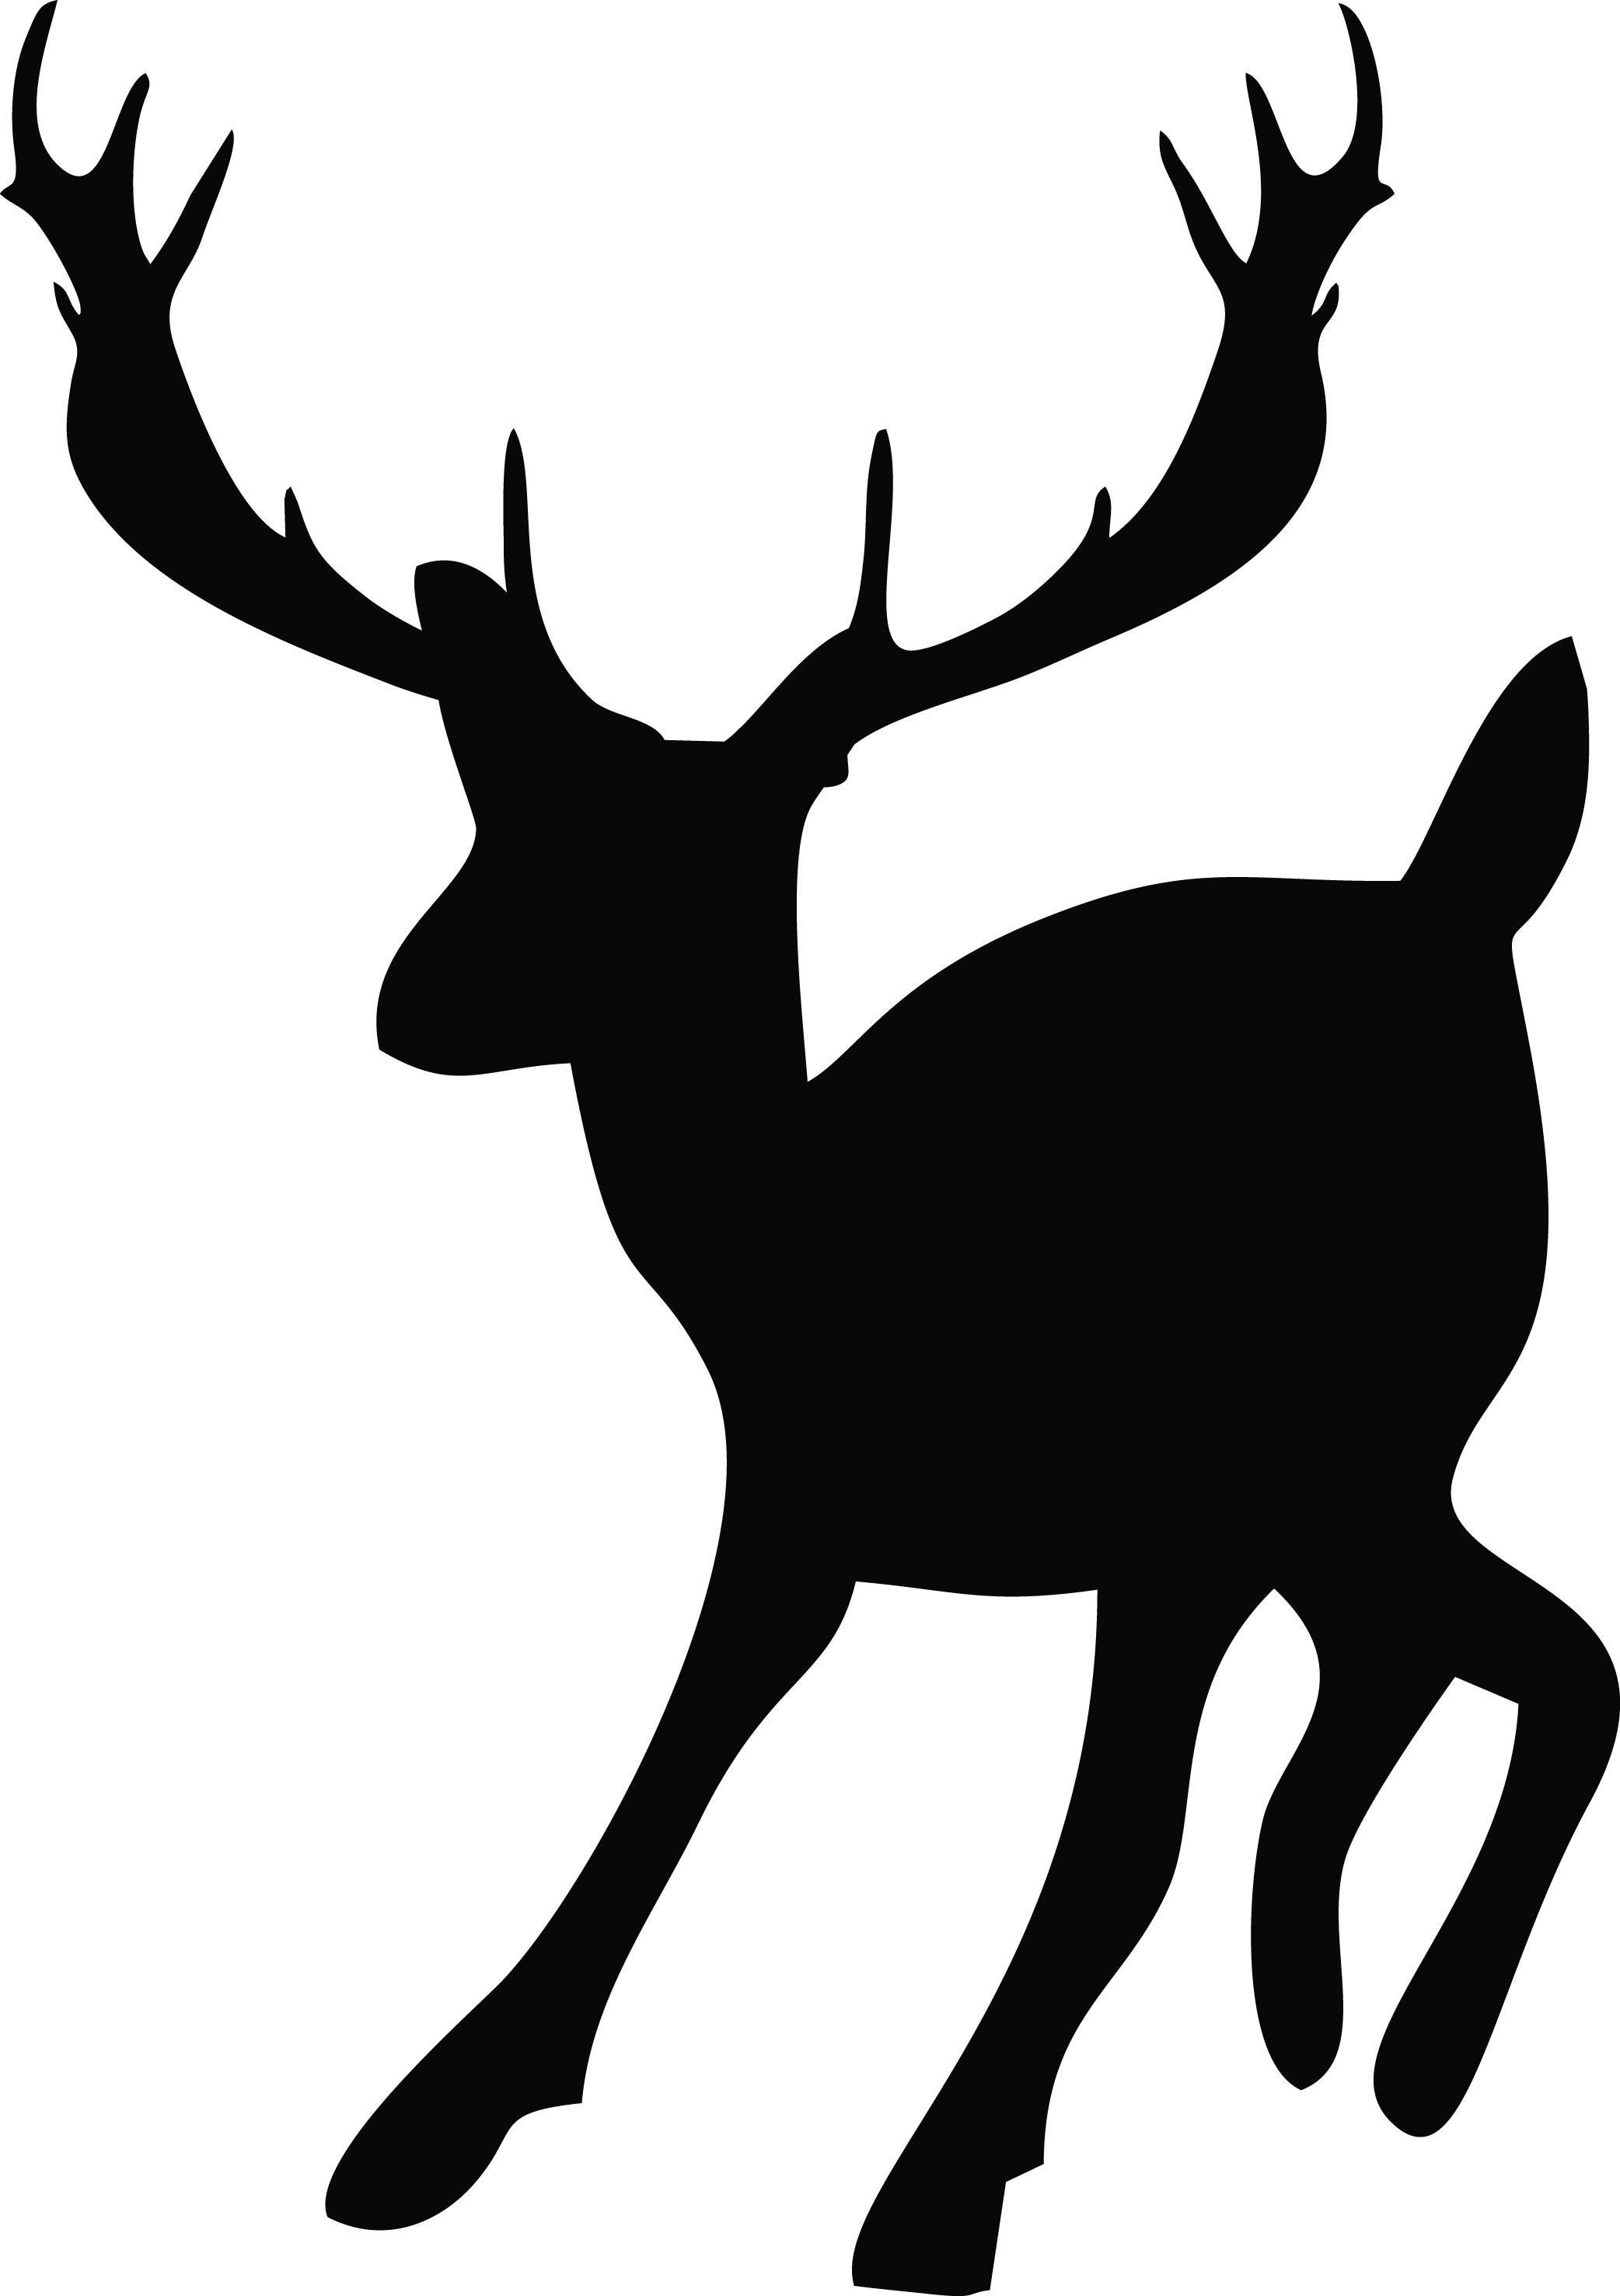 2084x2953 Caribou Svg,png,jpg,epscaribou Clipart For Print,design